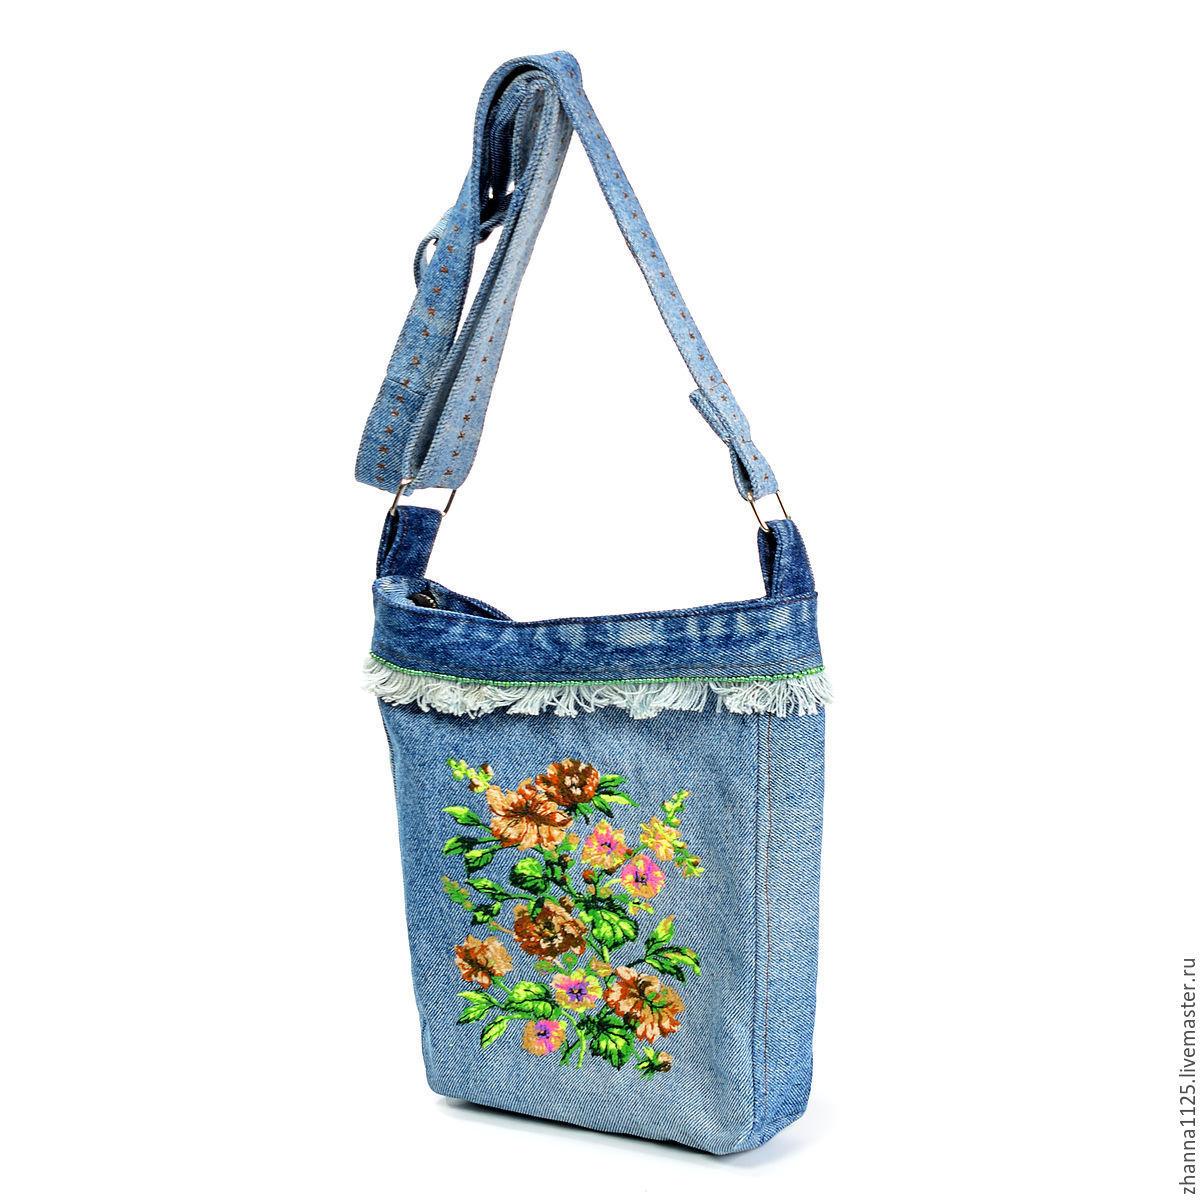 f610546a476d Сумка джинсовая ручной работы. Купить джинсовую бохо сумку `Романтика`.  Джинсовая сумка ...